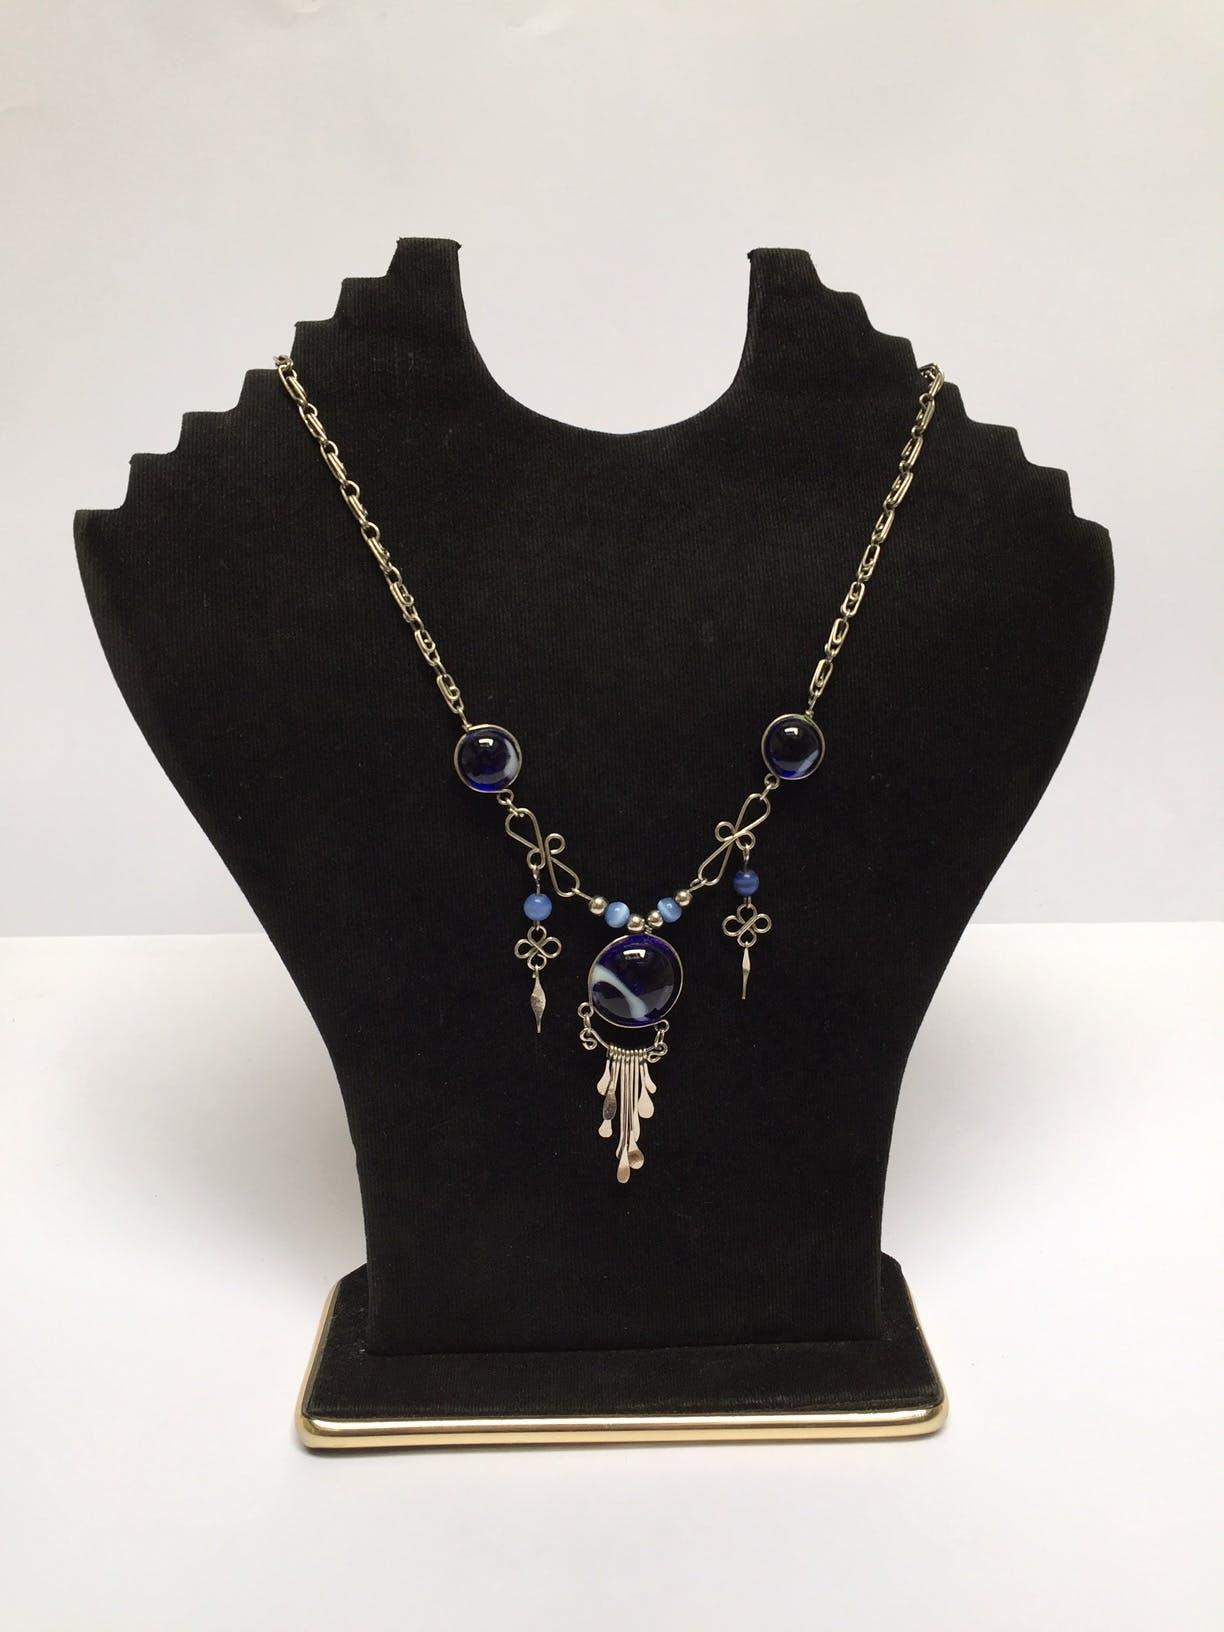 accesorios bijouterie collar-null-imagen